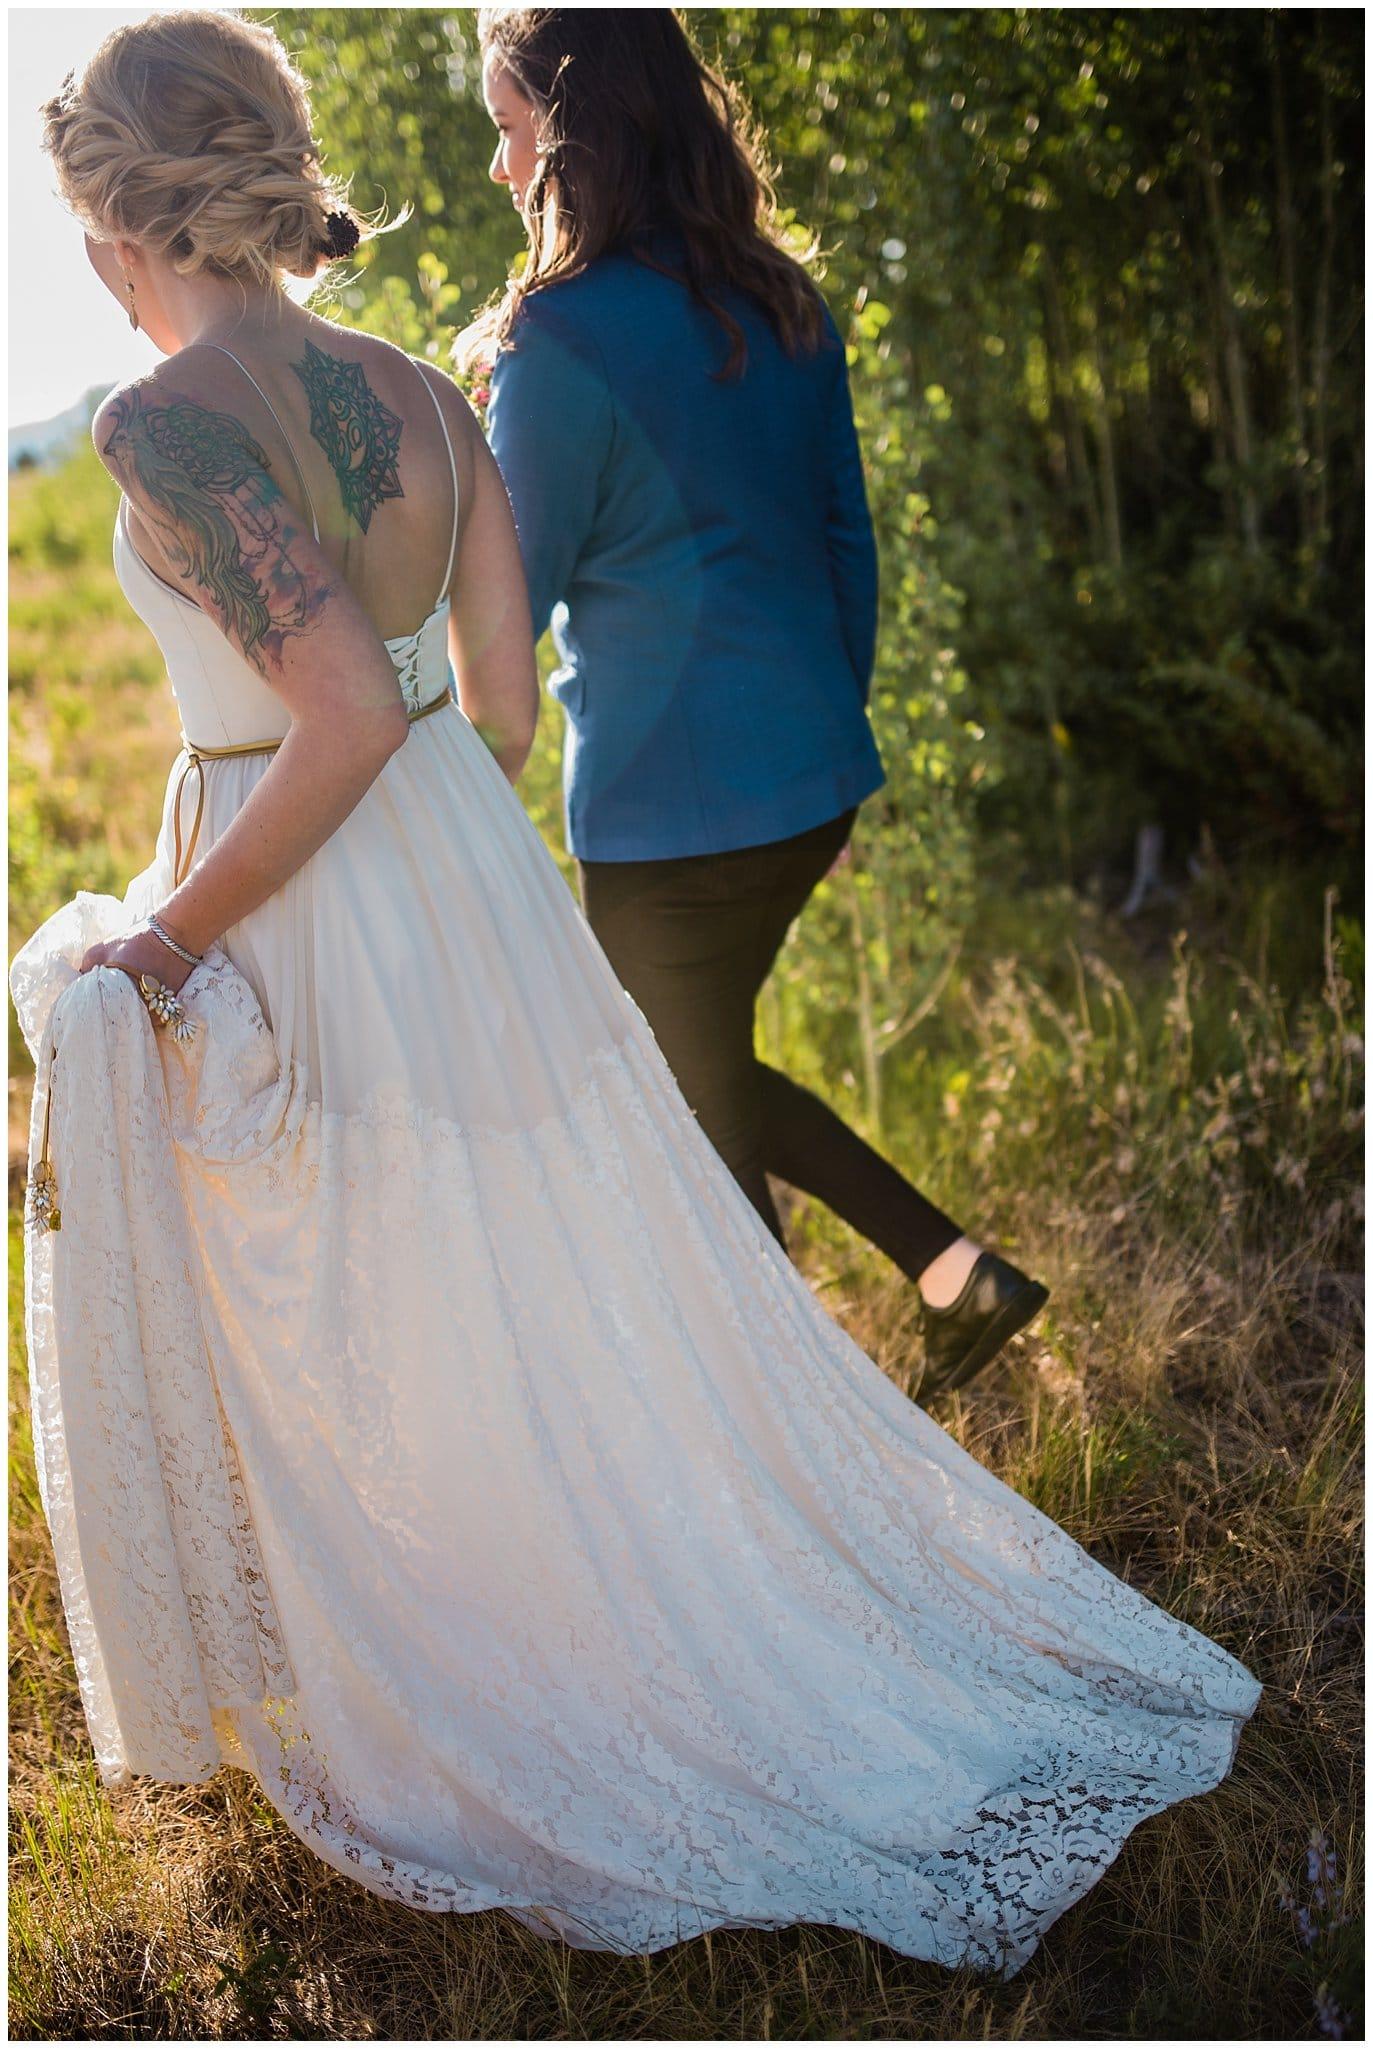 Colorado wedding photo